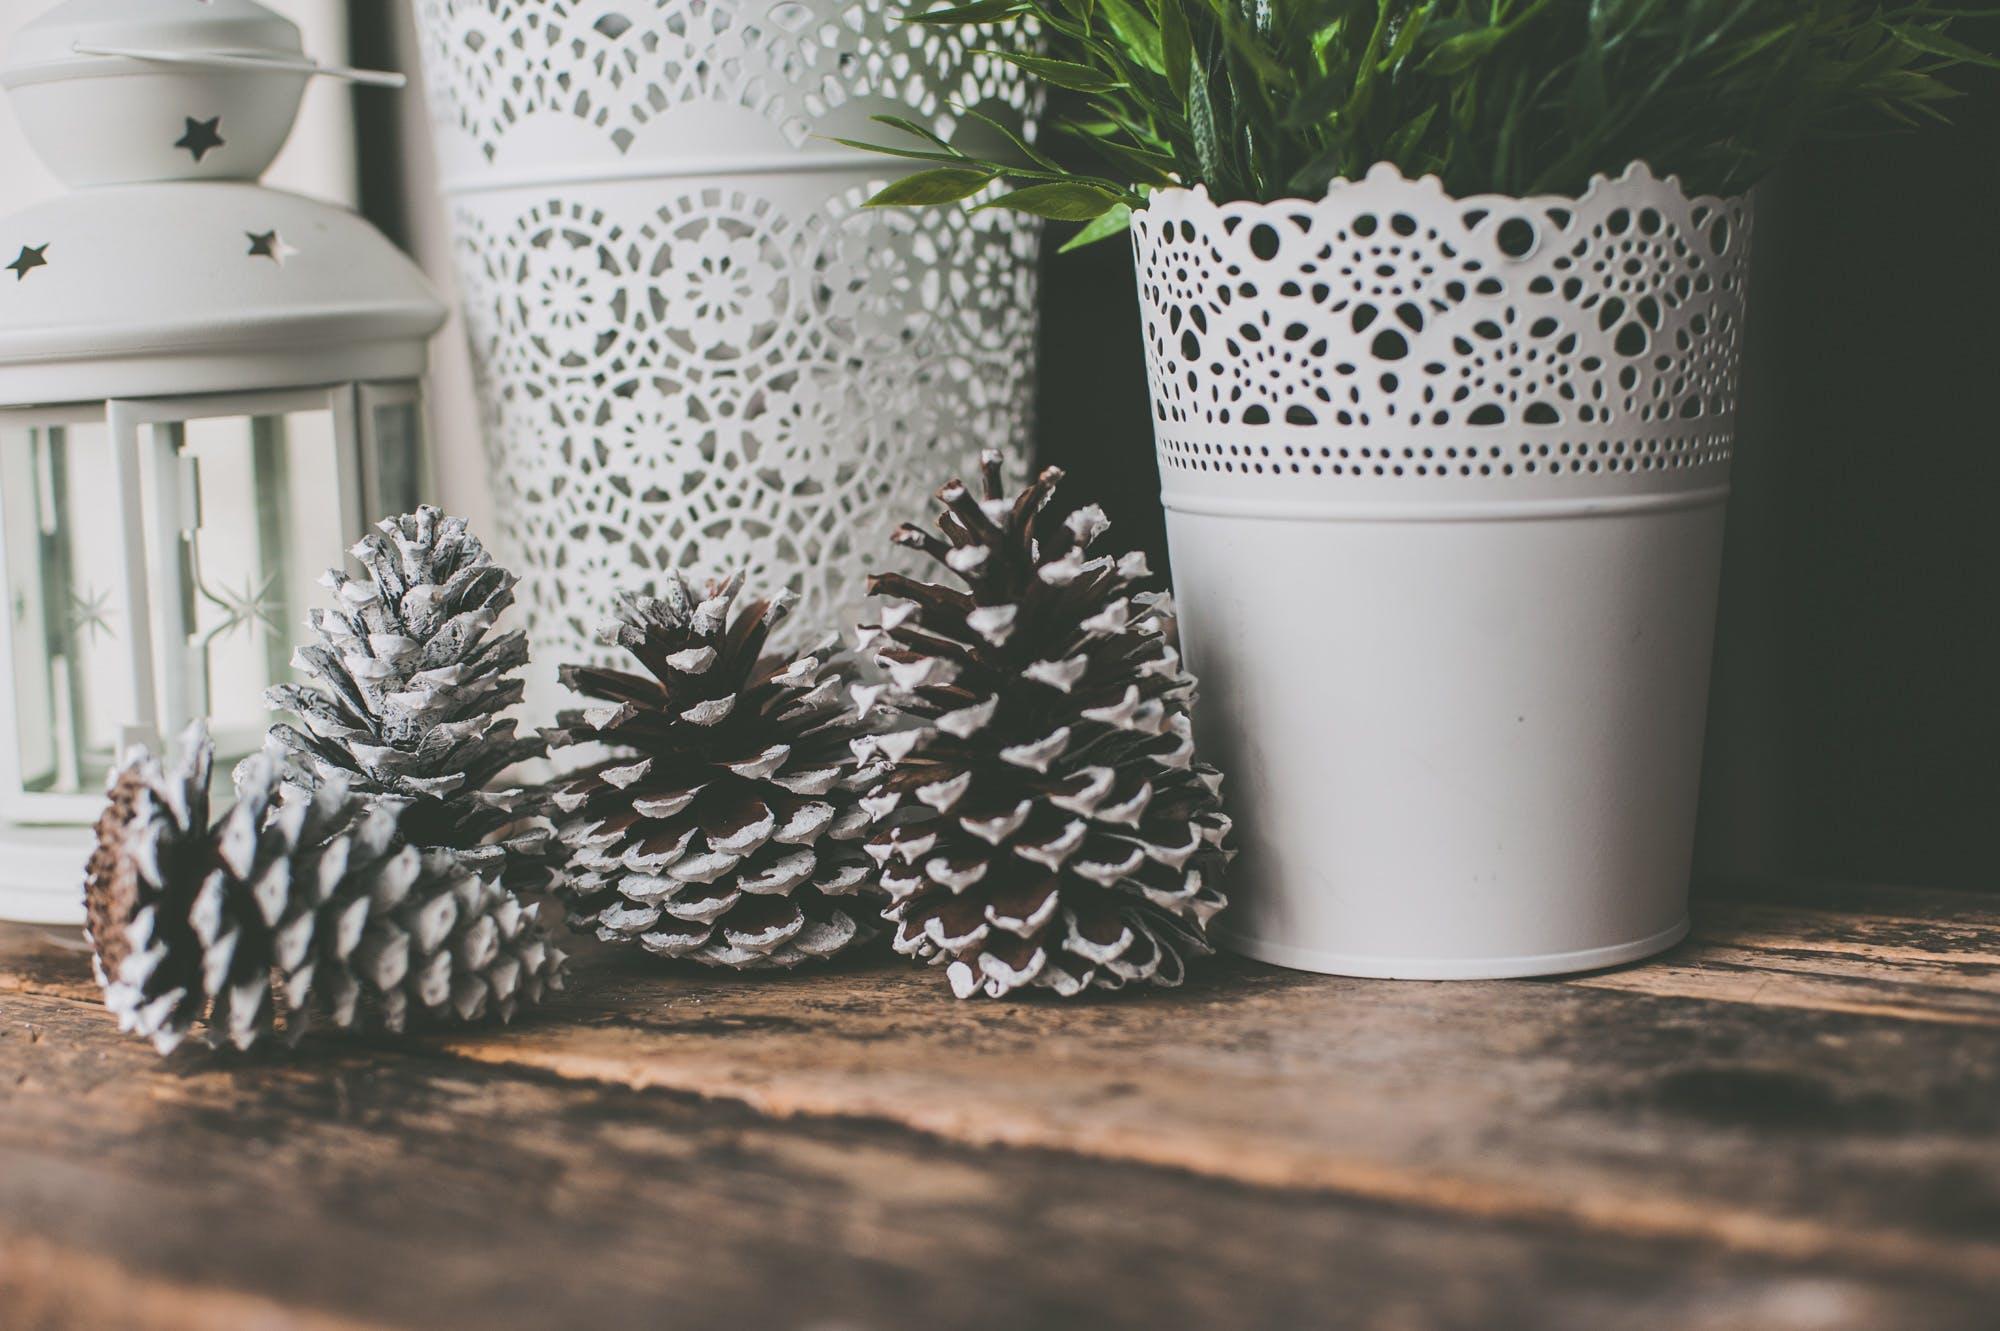 Photo of Pine Cones Near White Vase